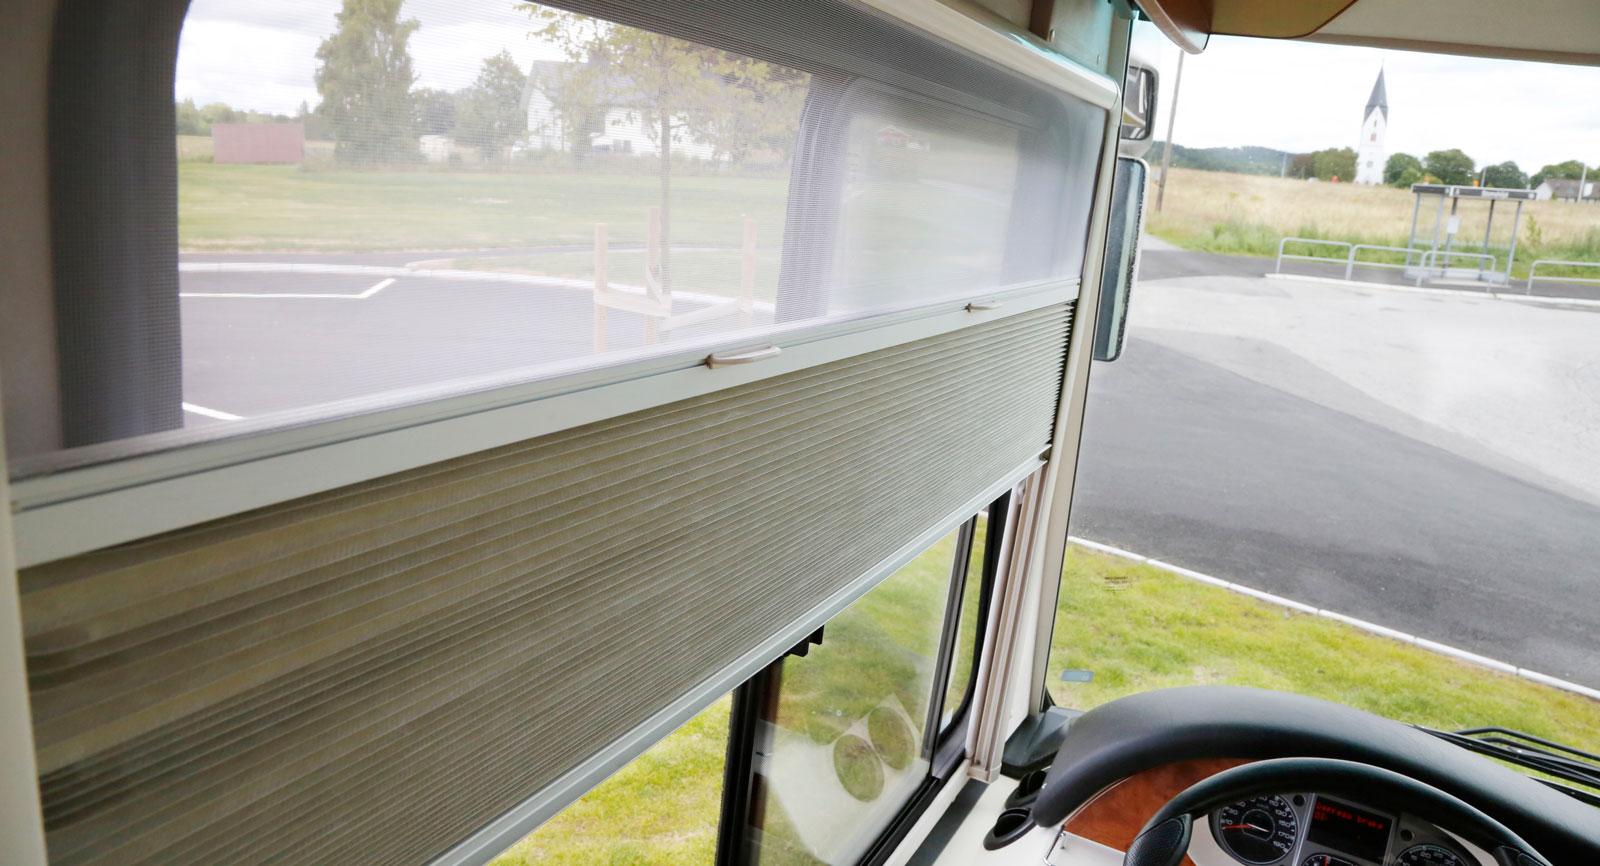 Myggnät och mörkläggning vid hyttens sidofönster.